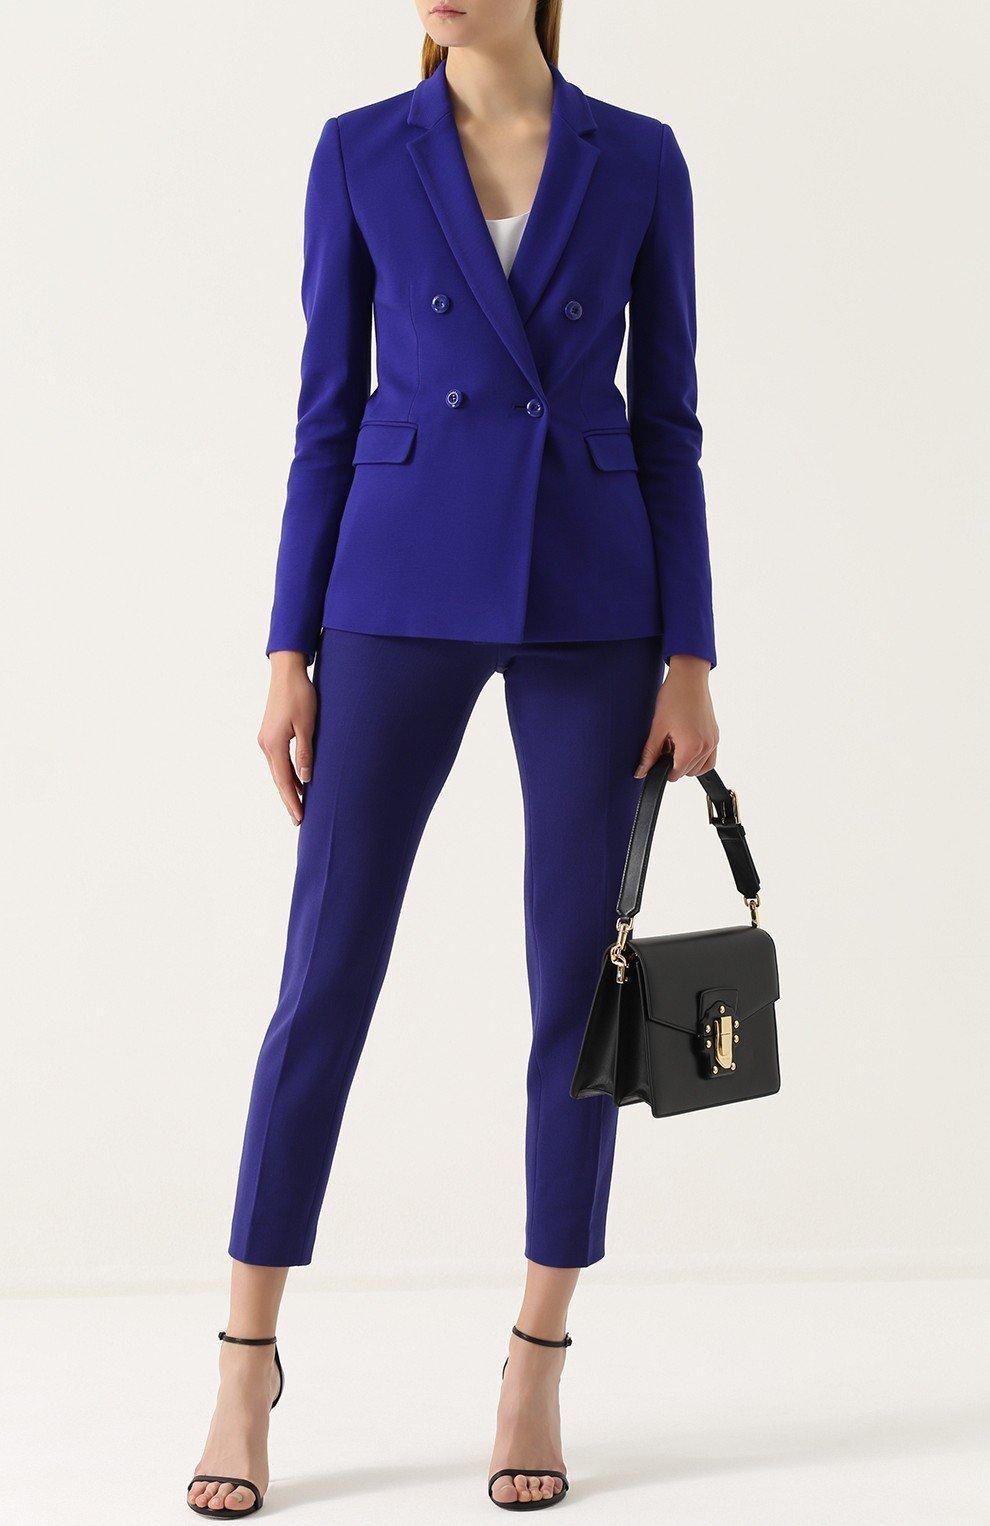 синий удлиненный пиджак женский 2018